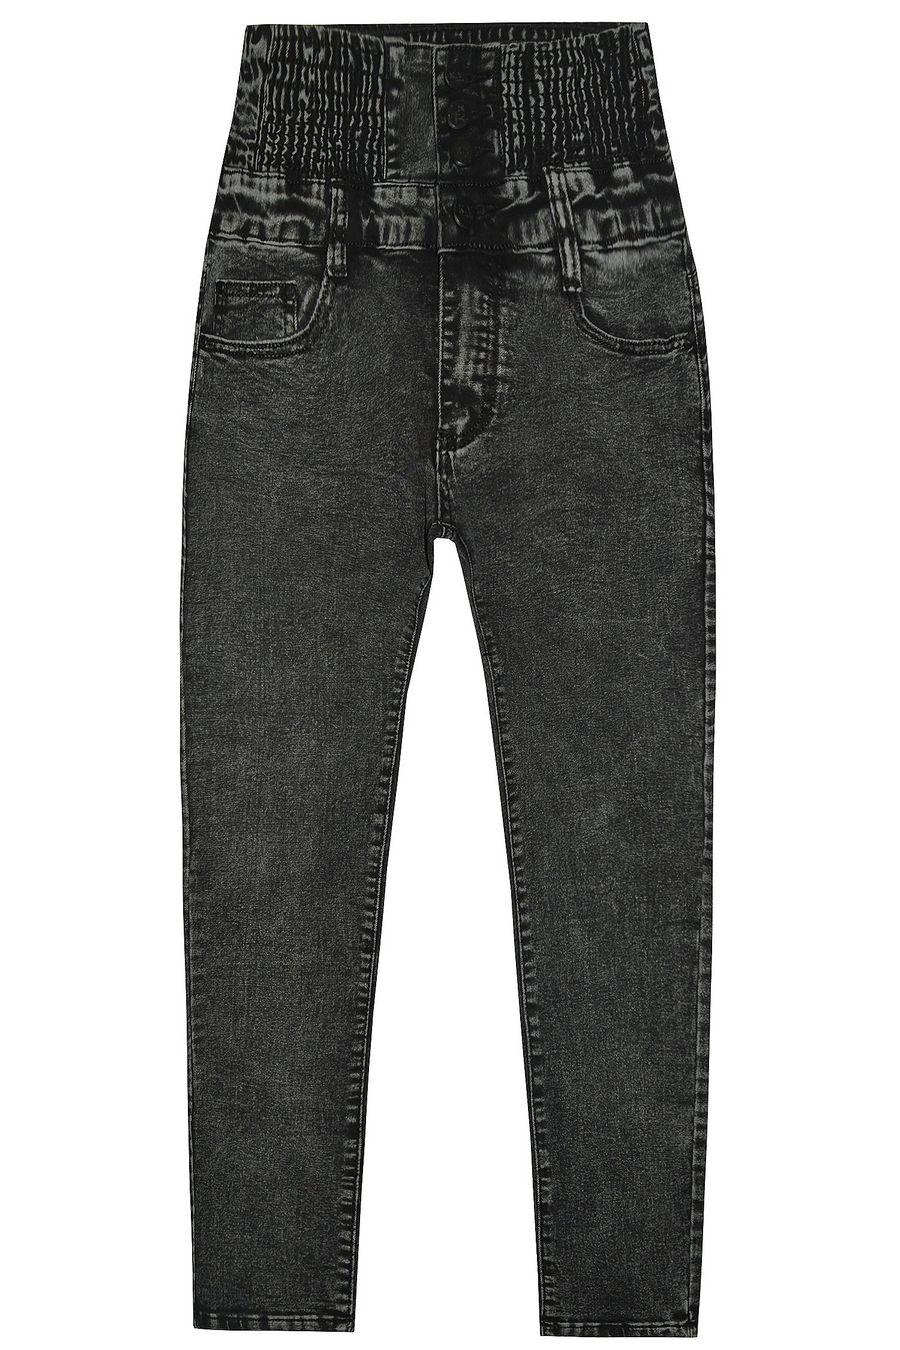 Джинсы женские K.Y Jeans HC297 - фото 1